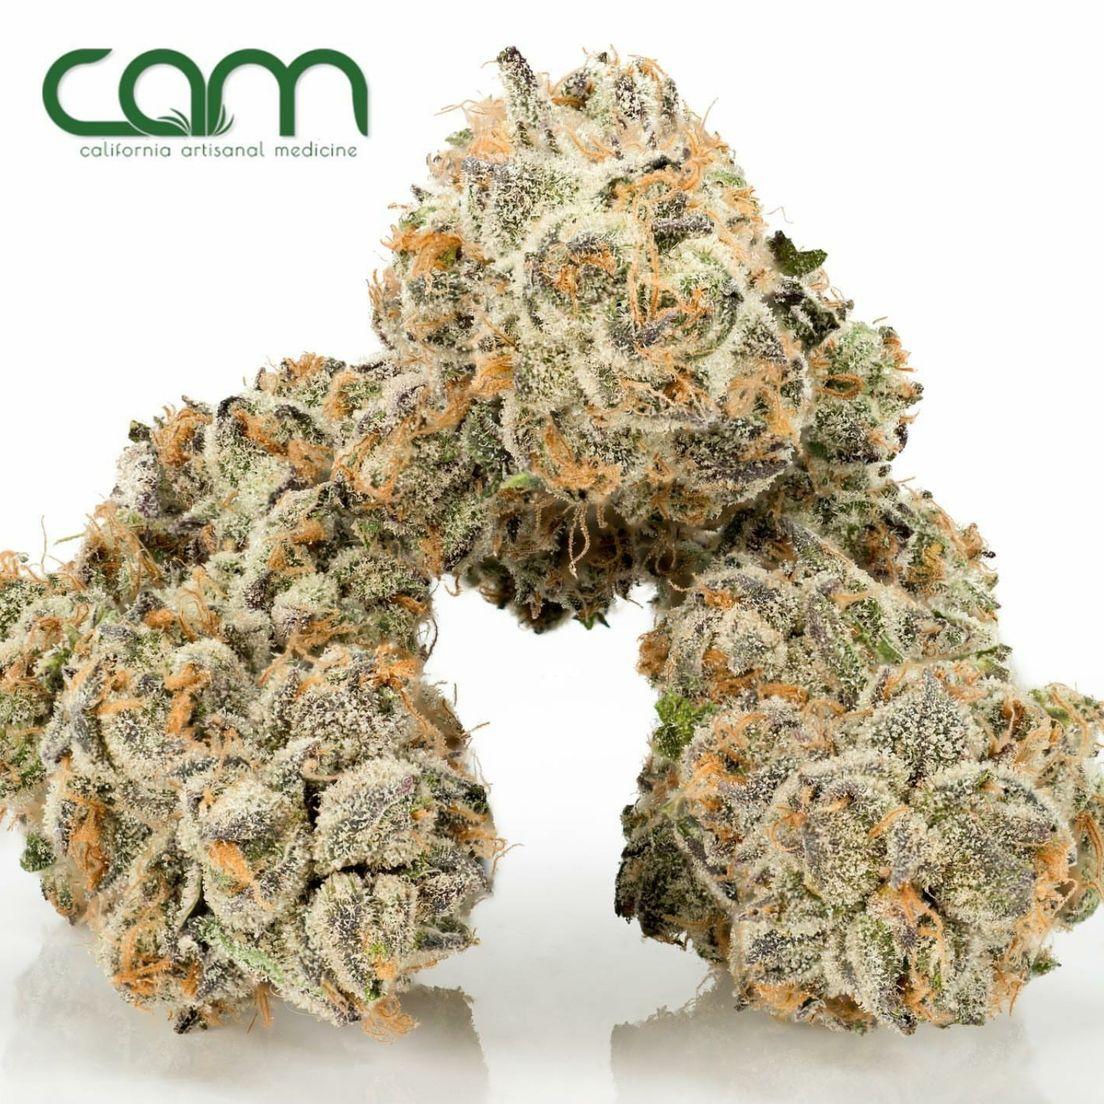 B. Cam 3.5g Flower - Quality 10/10 - Zapz (~20% THC)